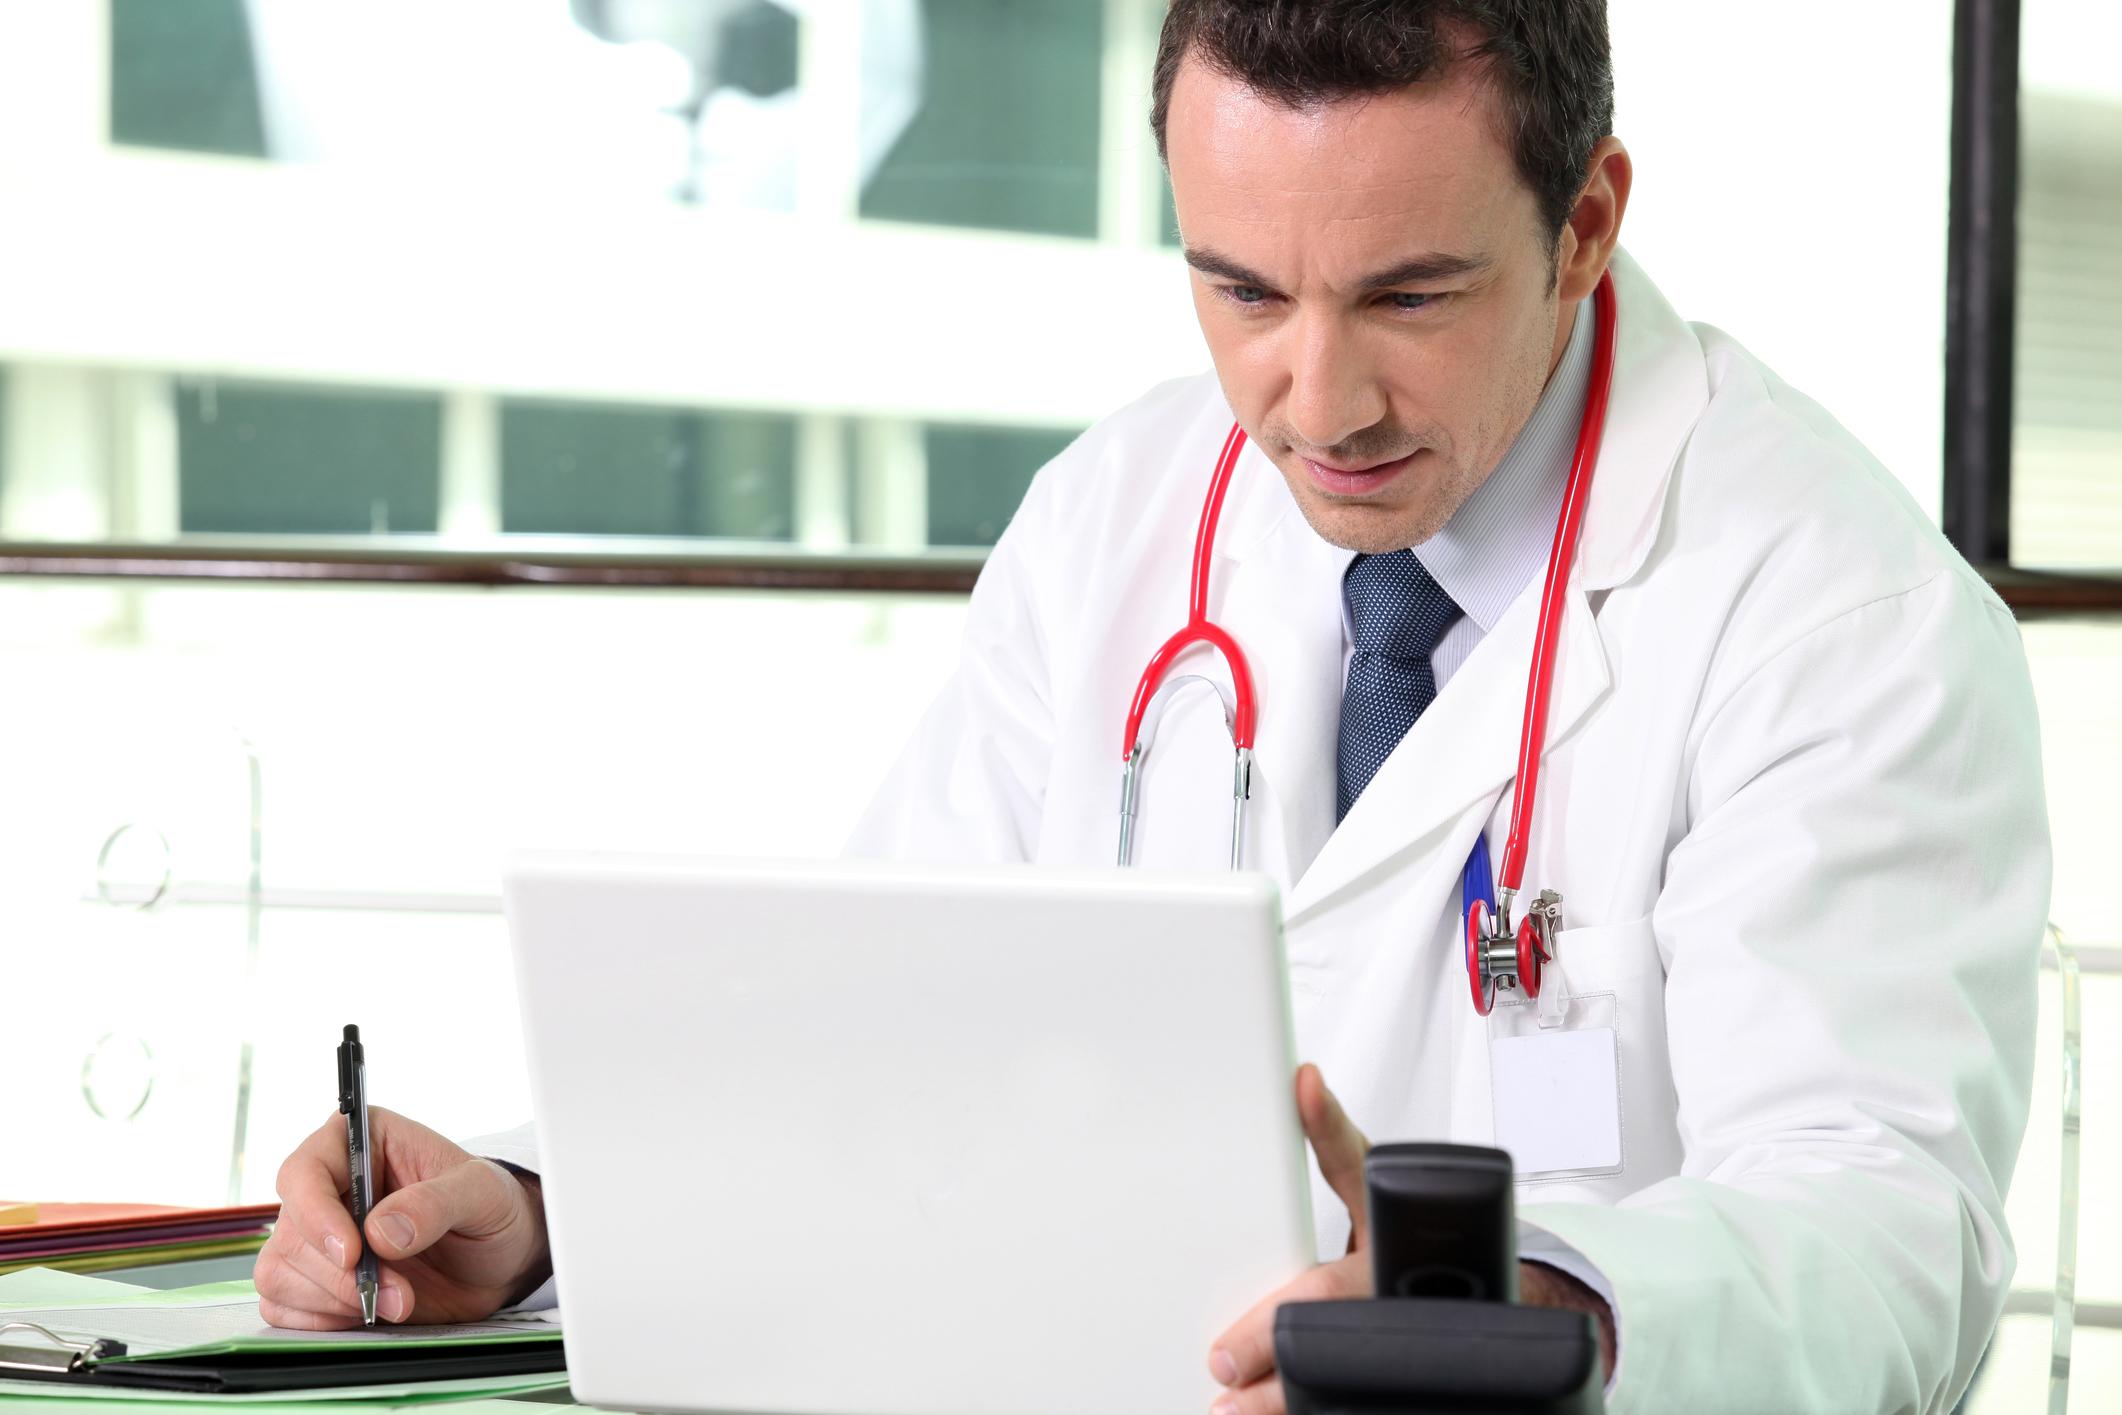 Type of HIPAA Training